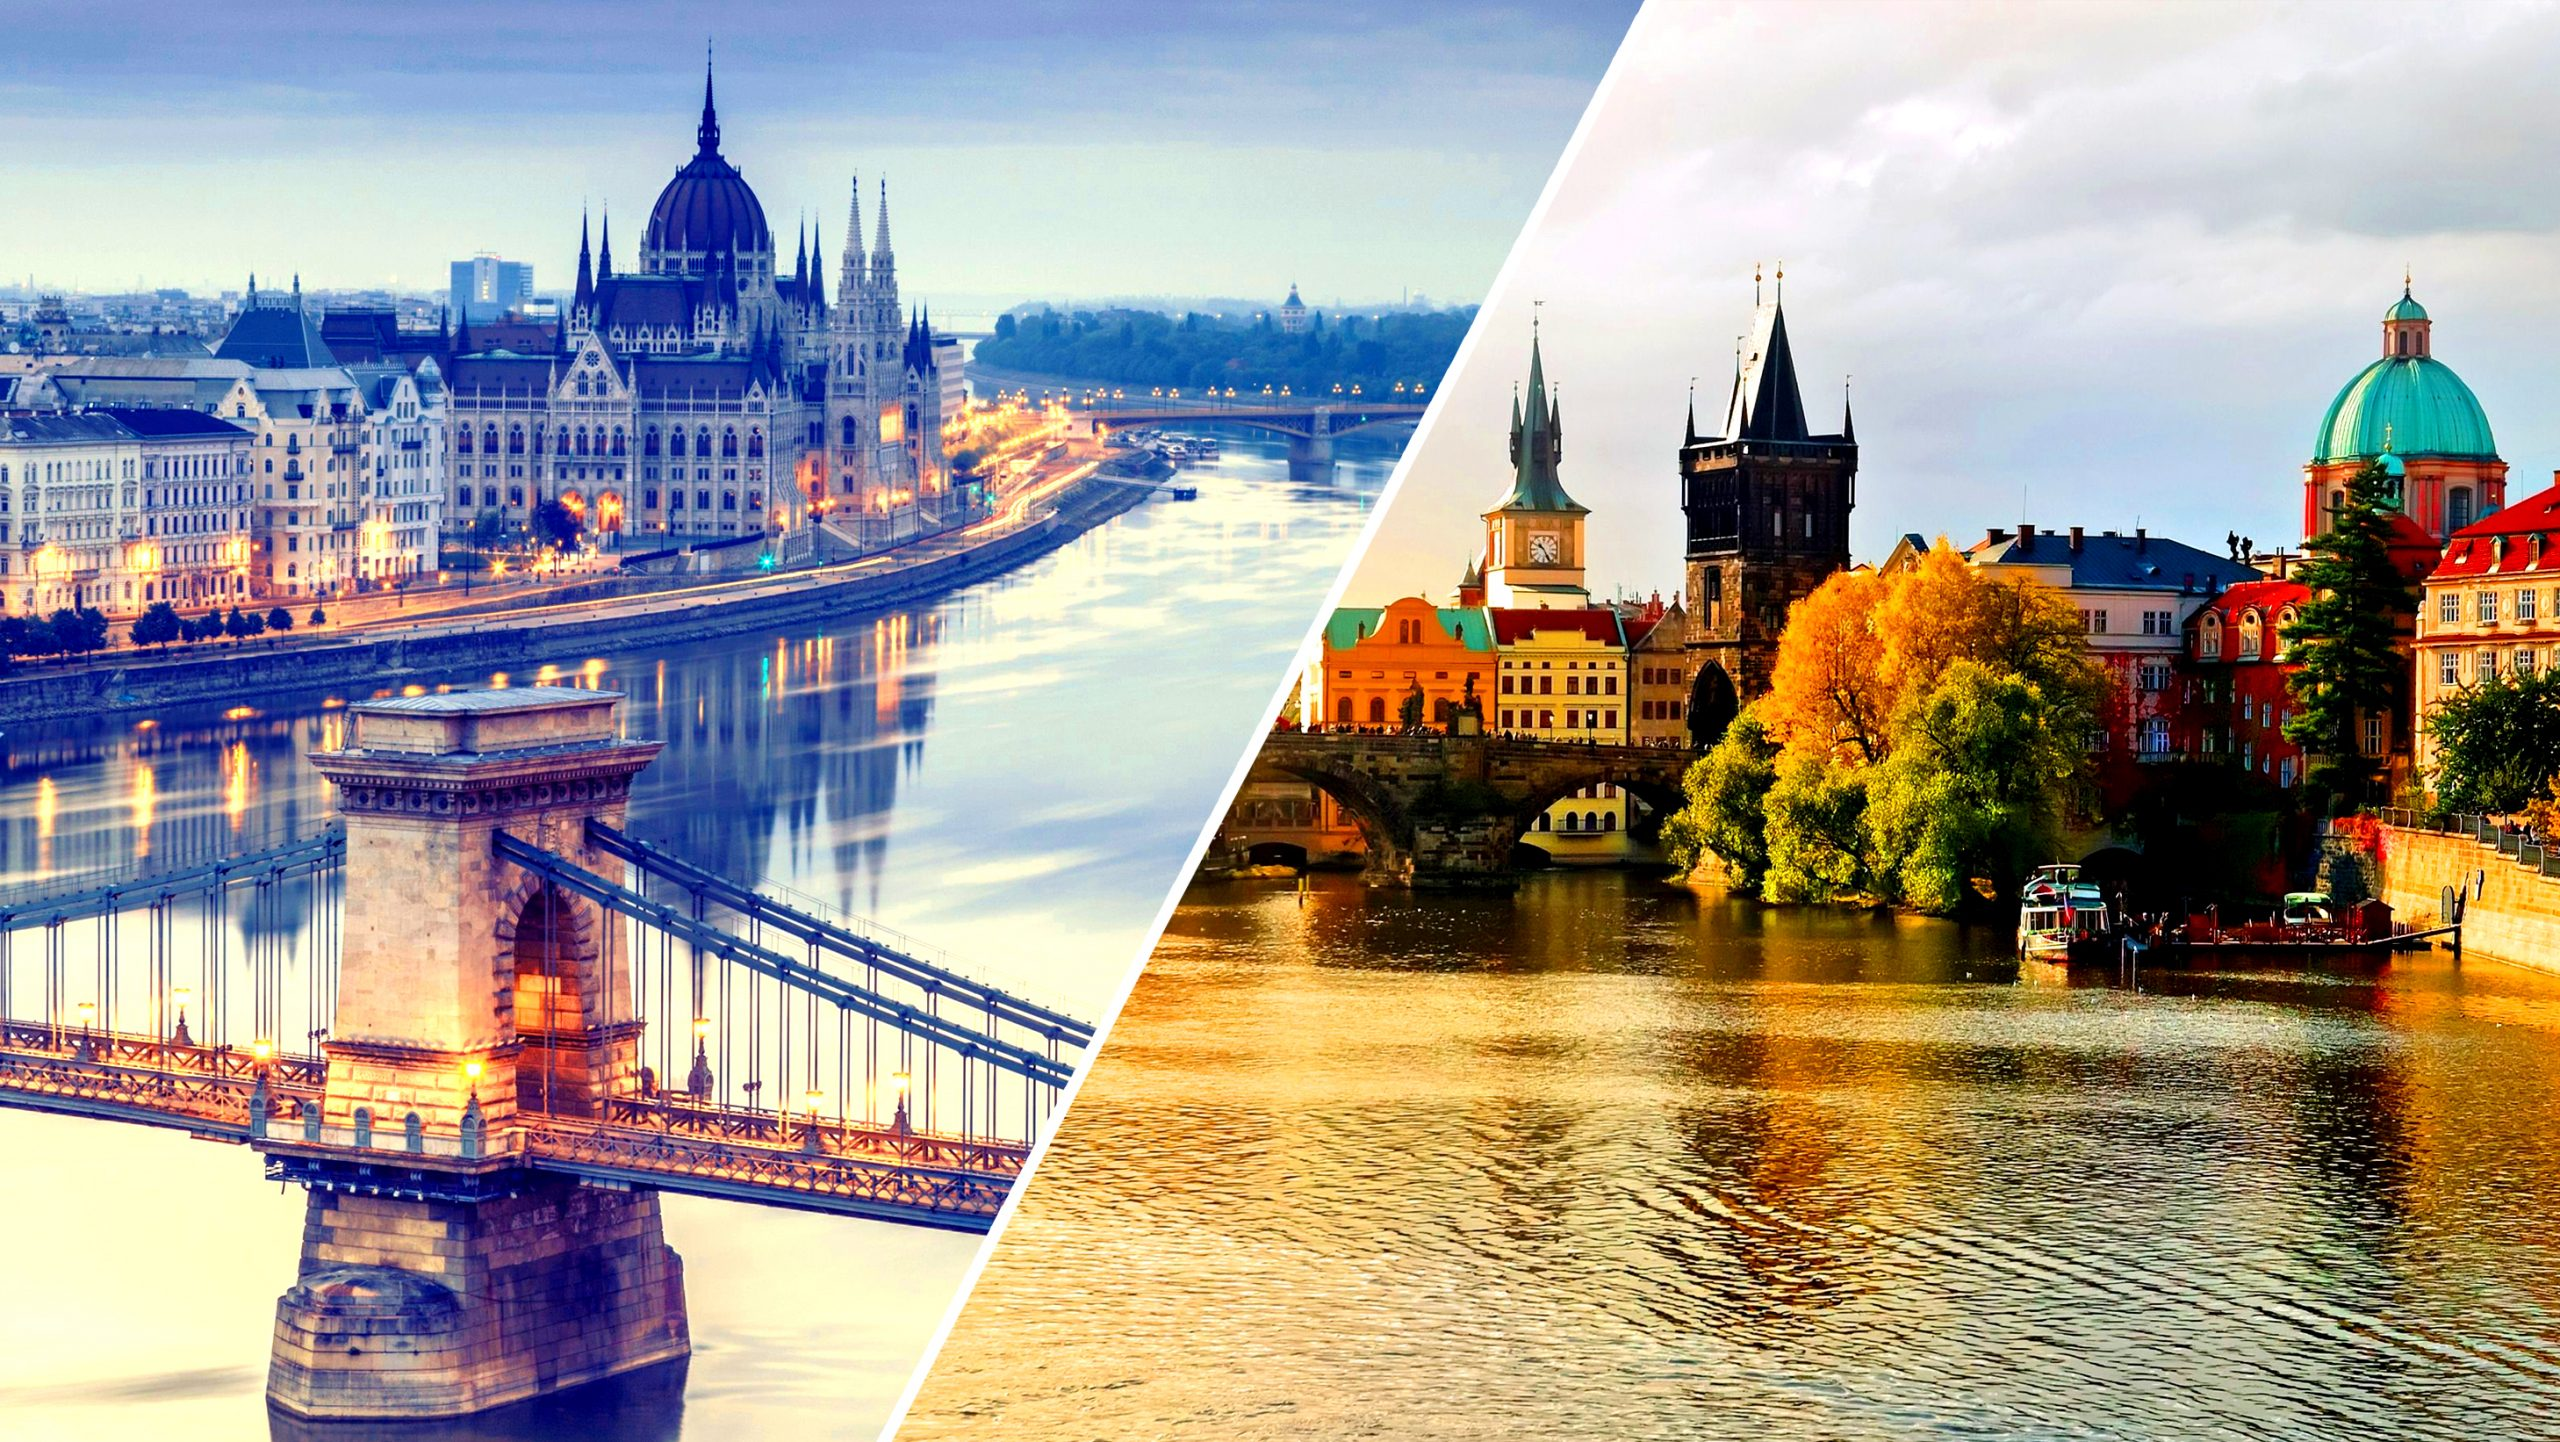 budapest tourism